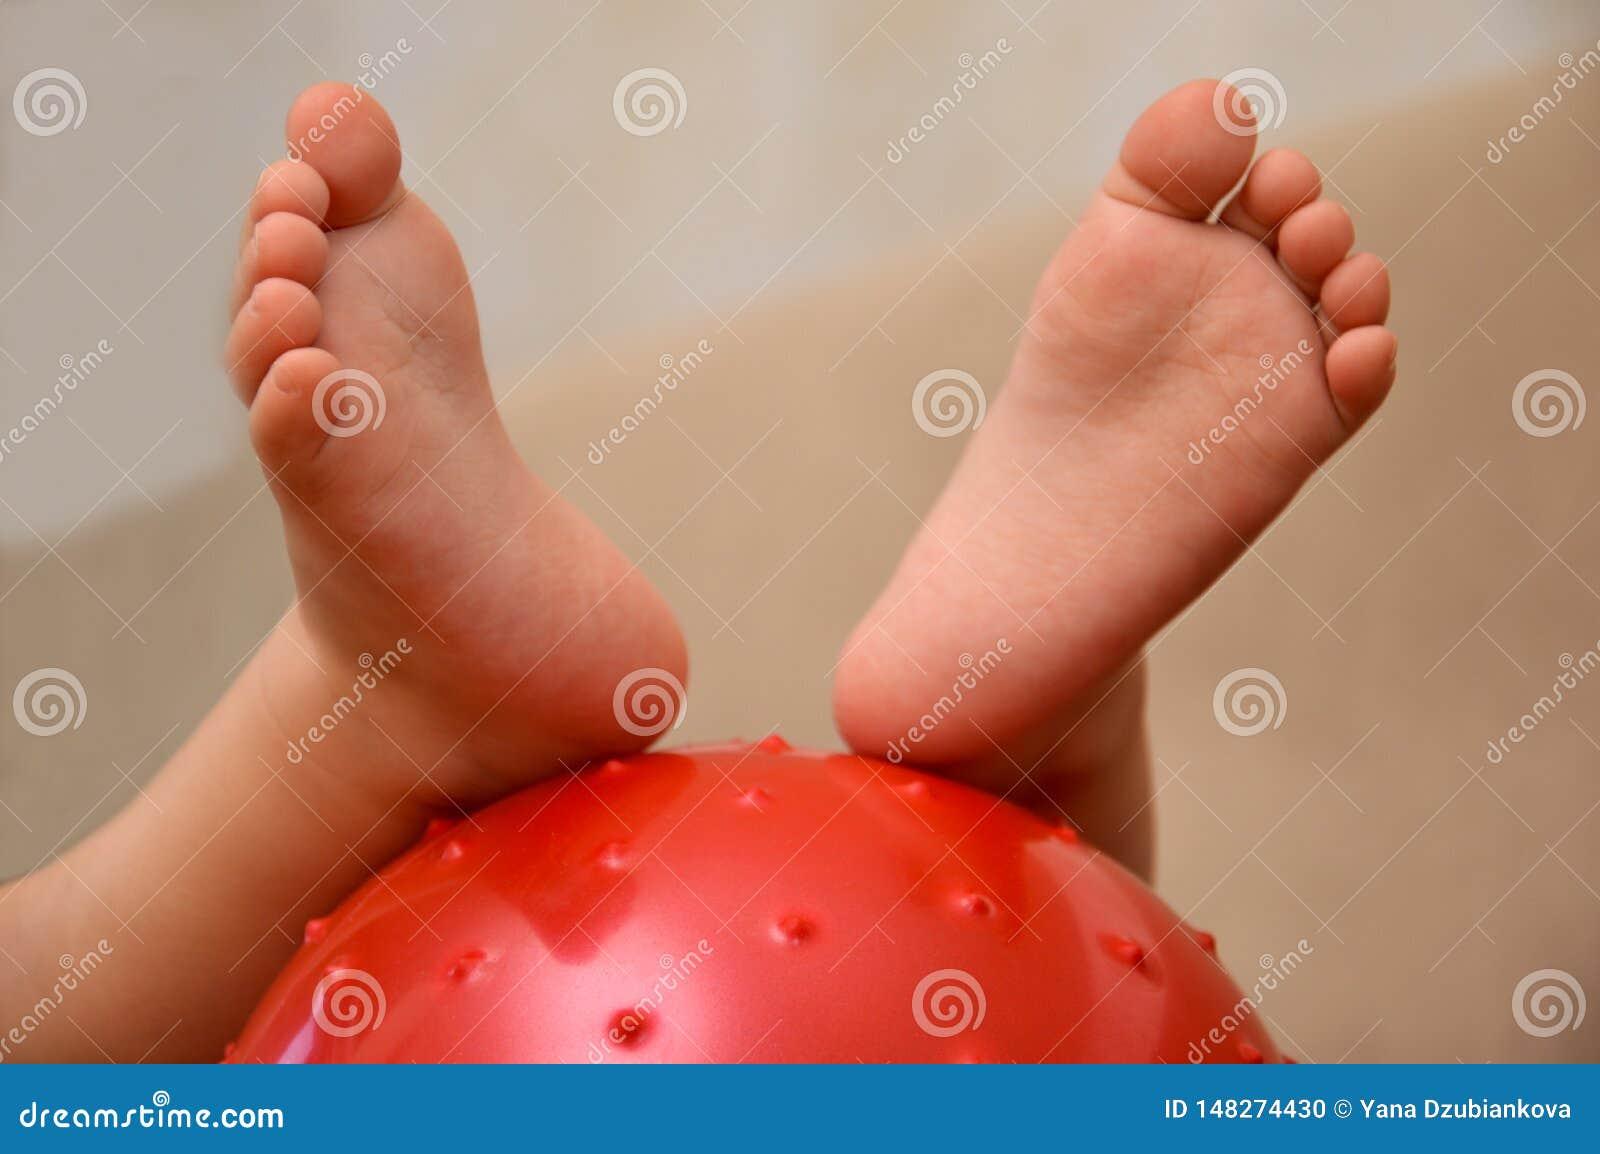 Ноги детей на шарике Ноги младенца на шарике Небольшие ноги младенца